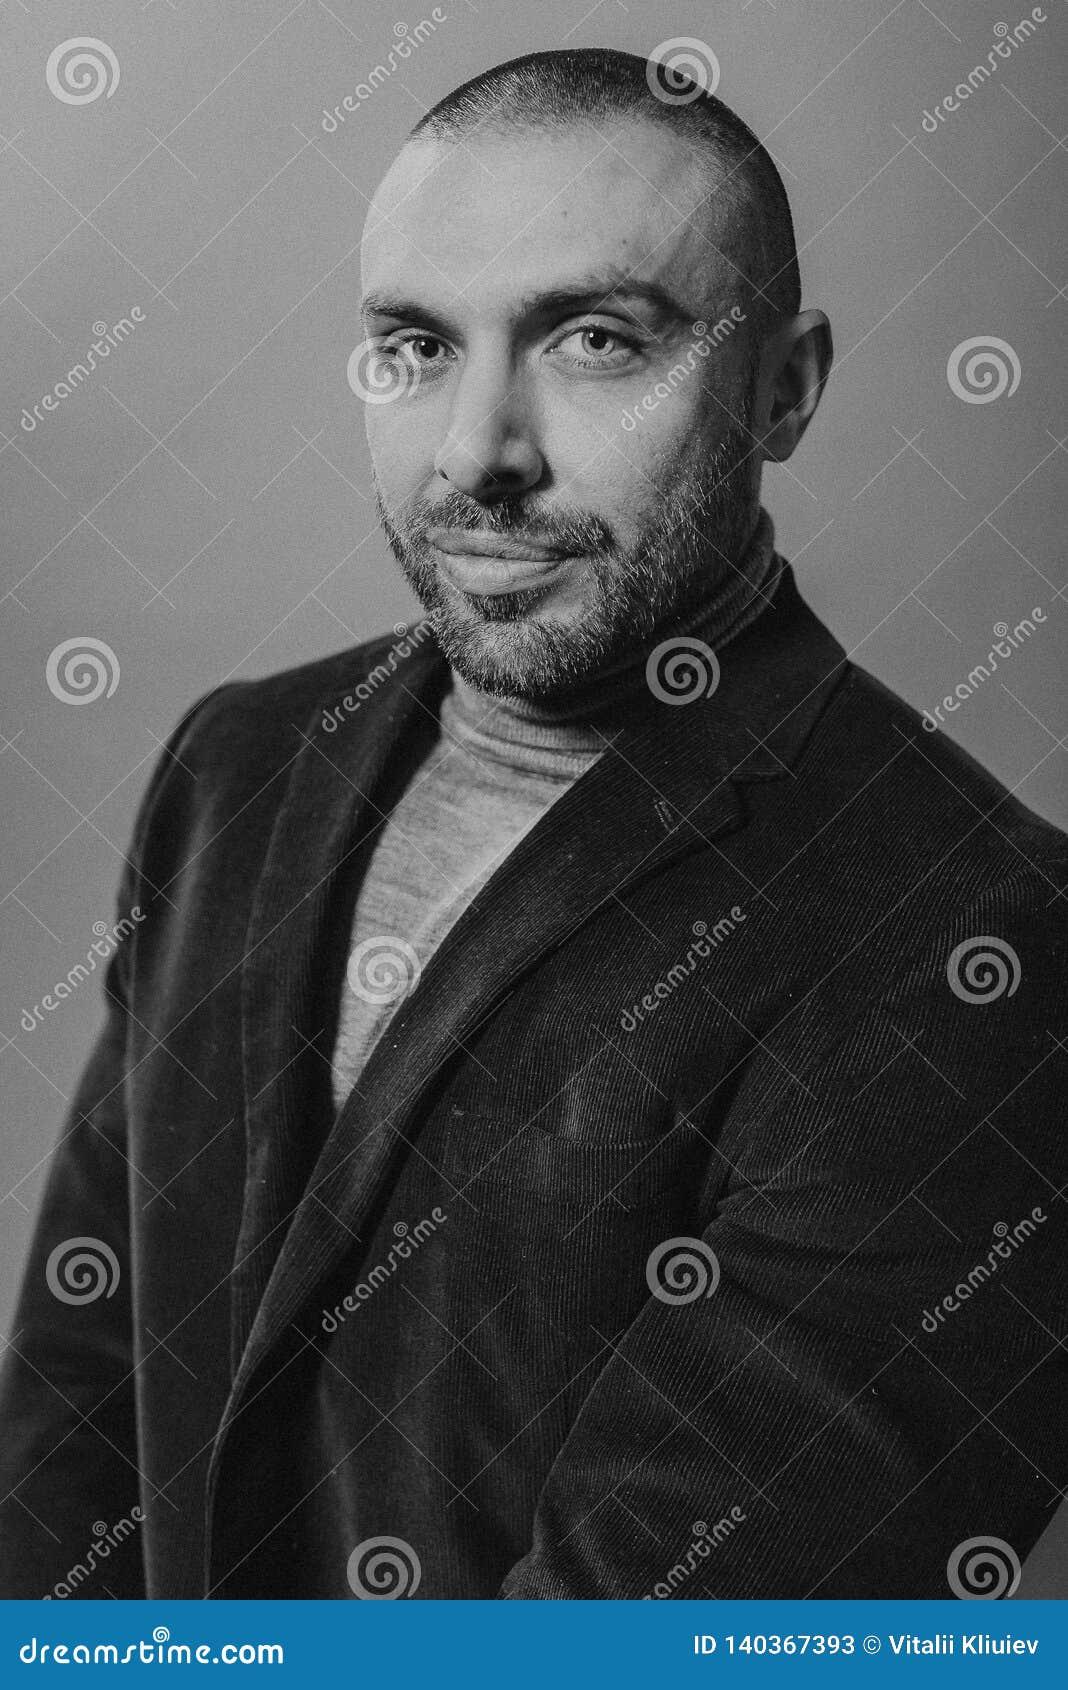 Πορτρέτο μόδας στούντιο σε μονοχρωματικό Το κομψό νέο όμορφο σοβαρό άτομο άνοιξε το σακάκι του